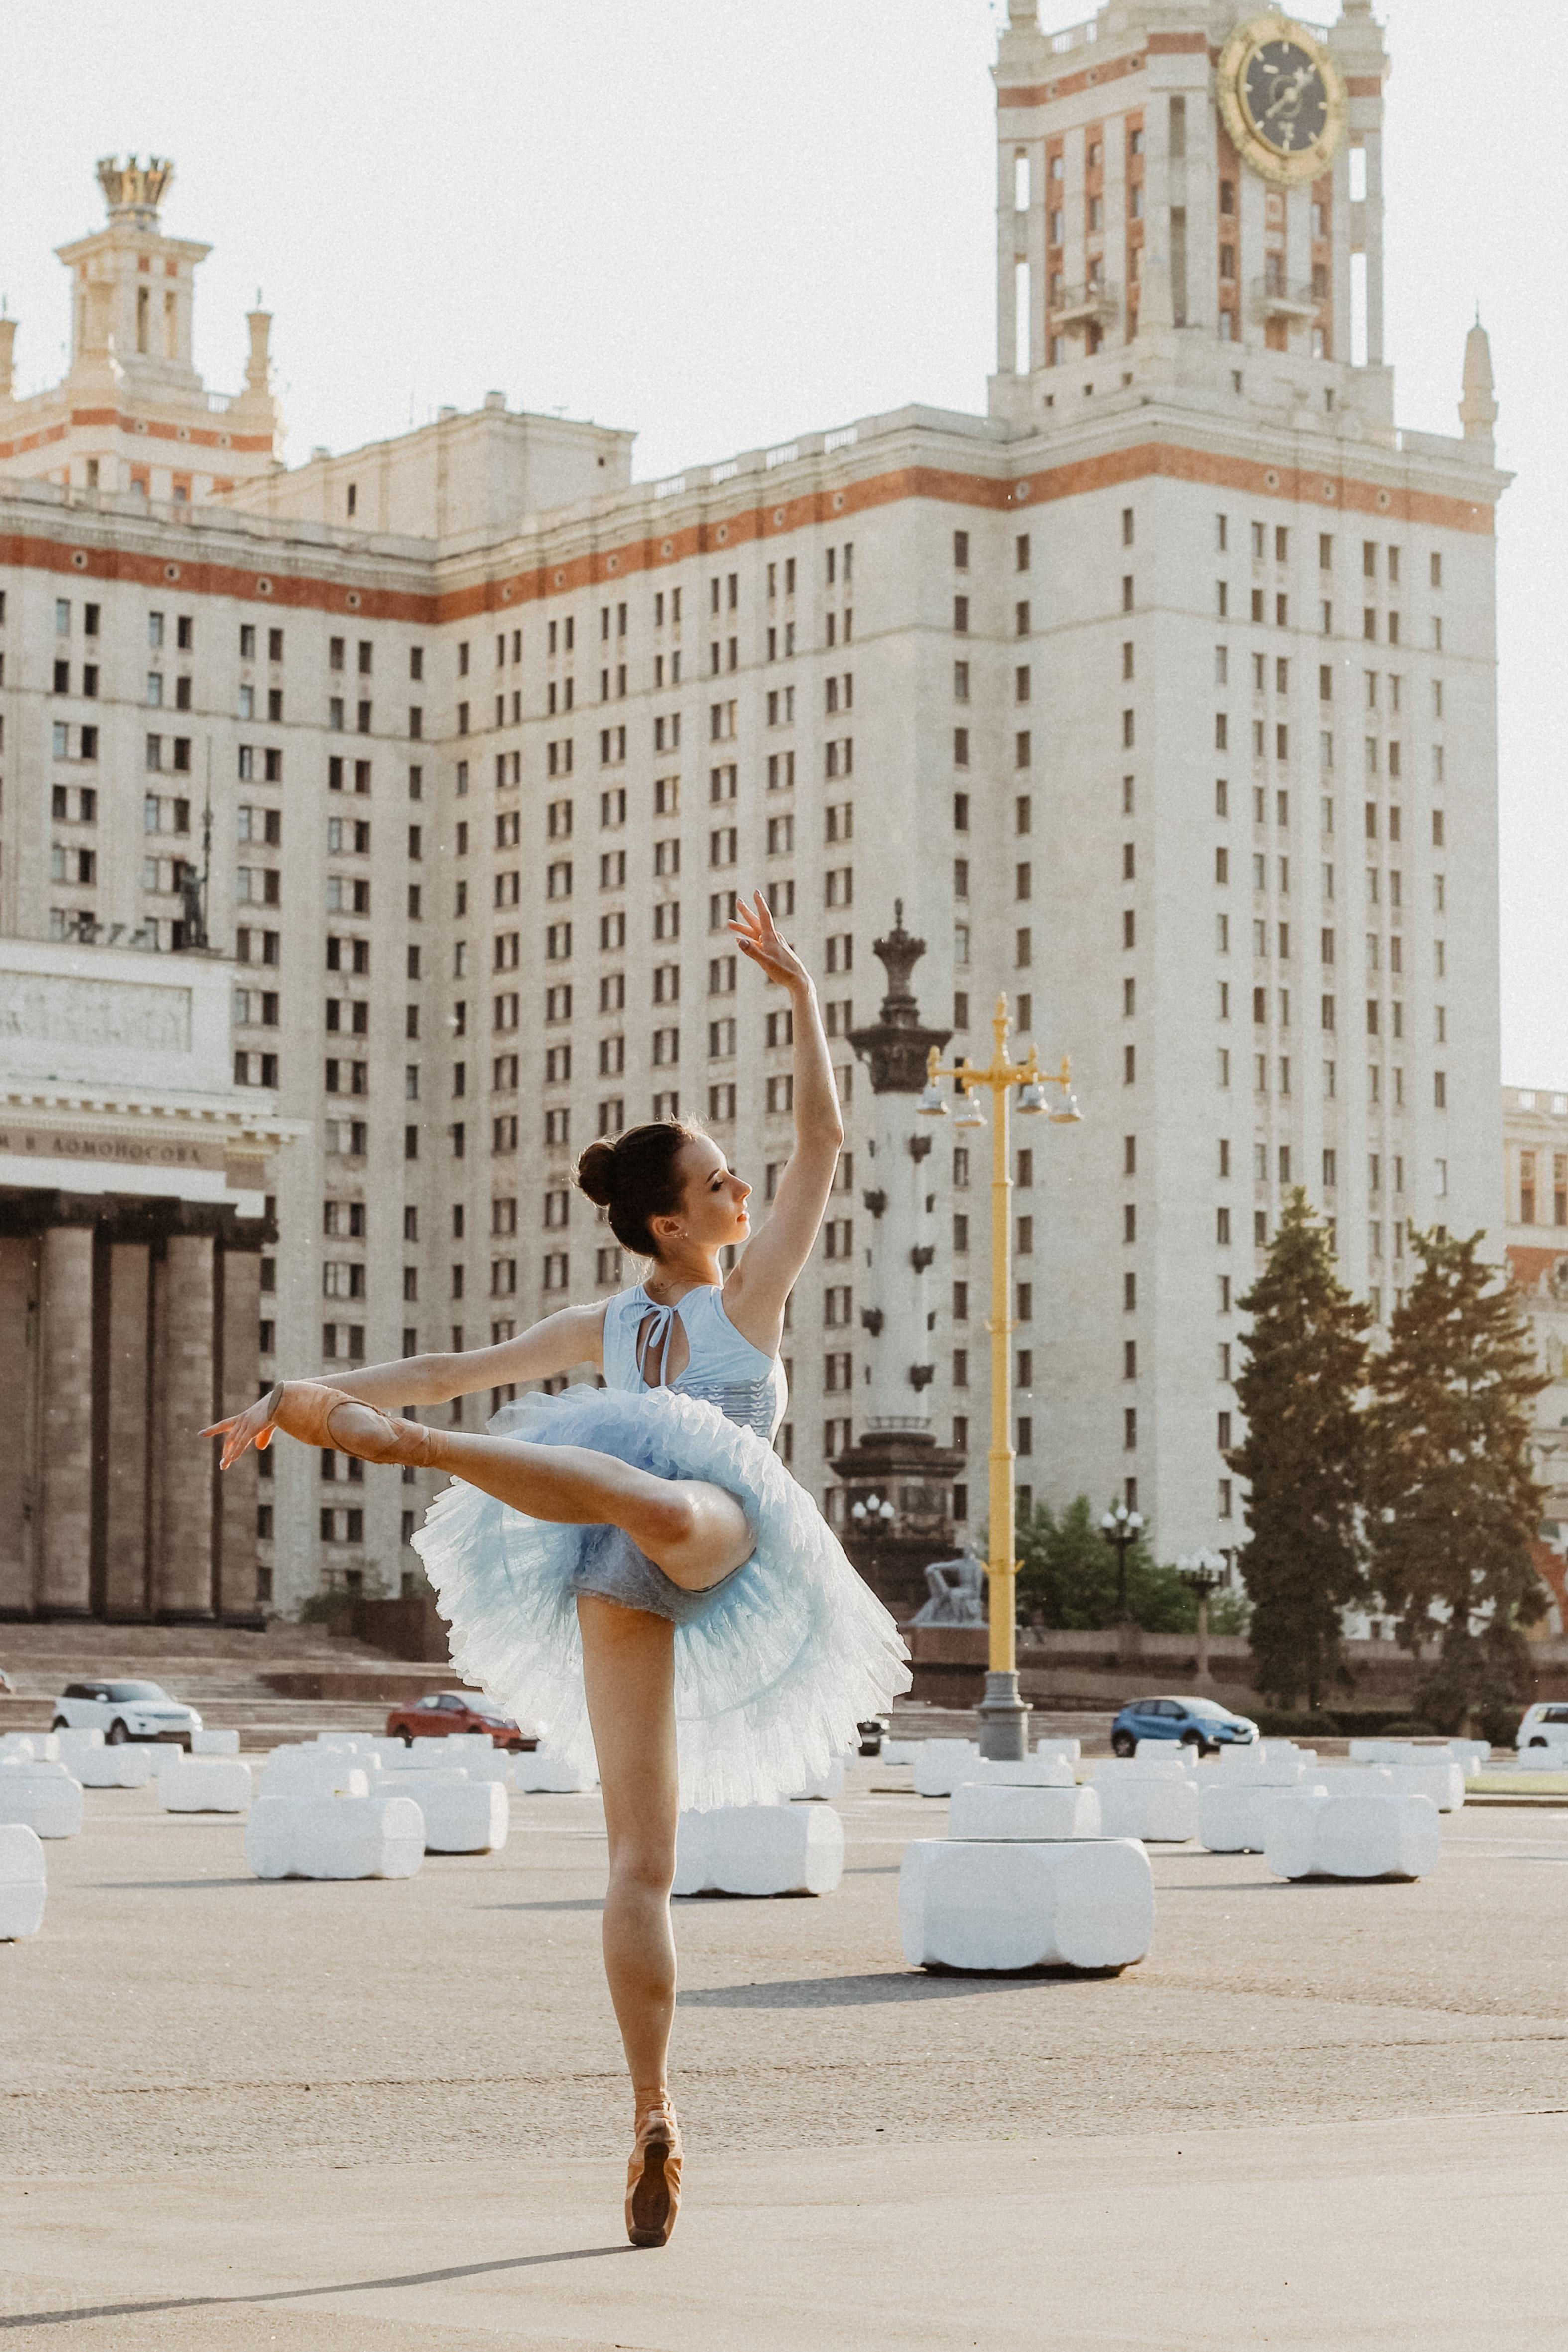 Dancer en pointe in front of a large building